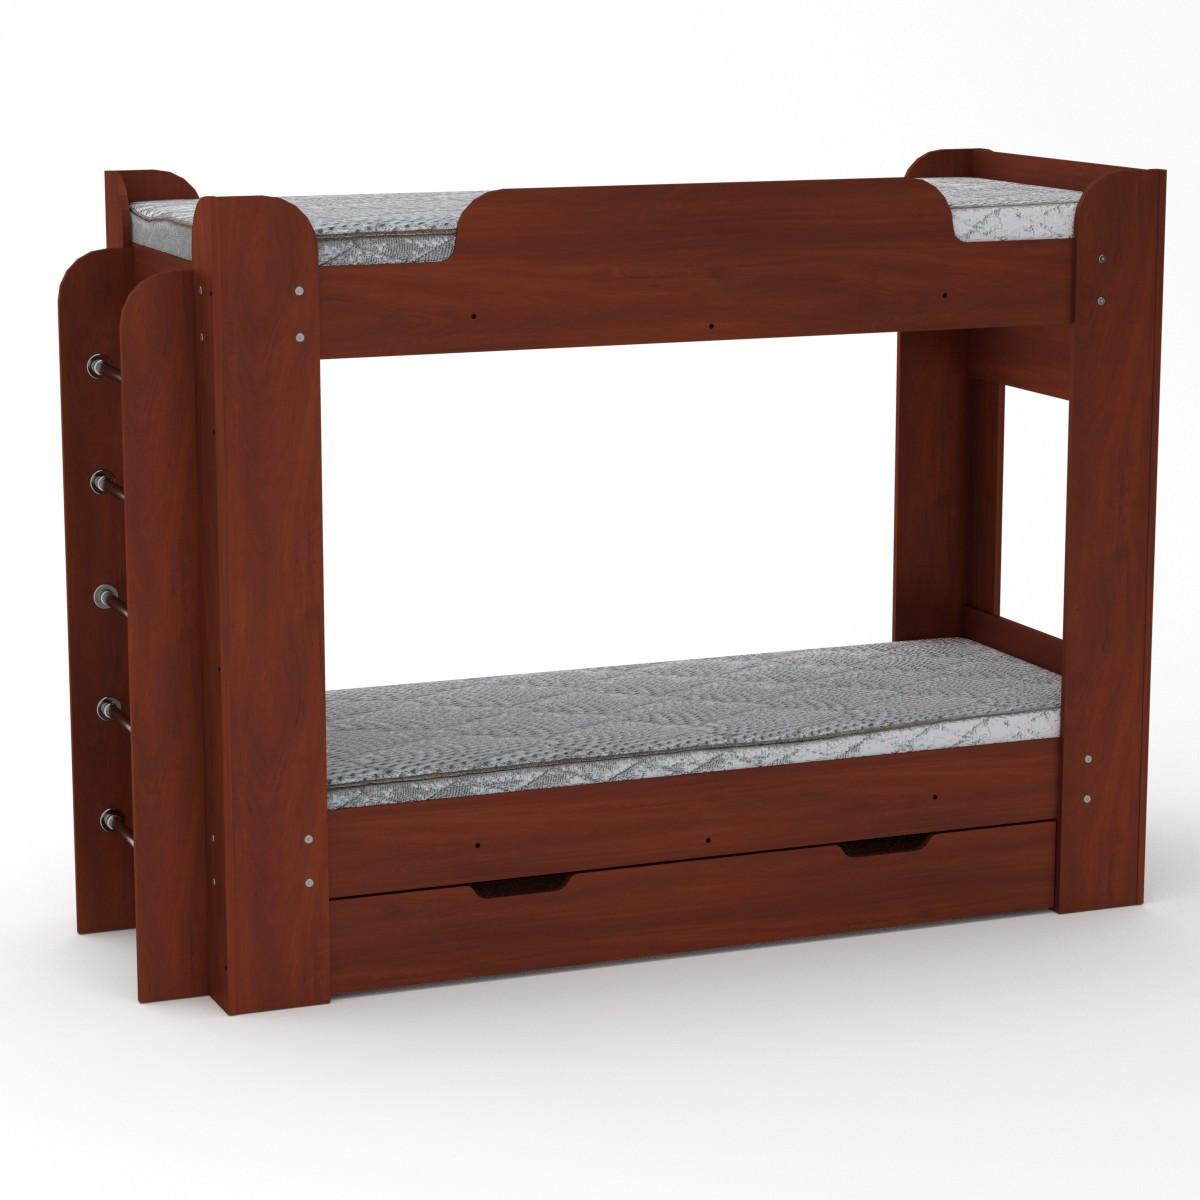 Кровать с матрасами двухъярусная Твикс яблоня Компанит